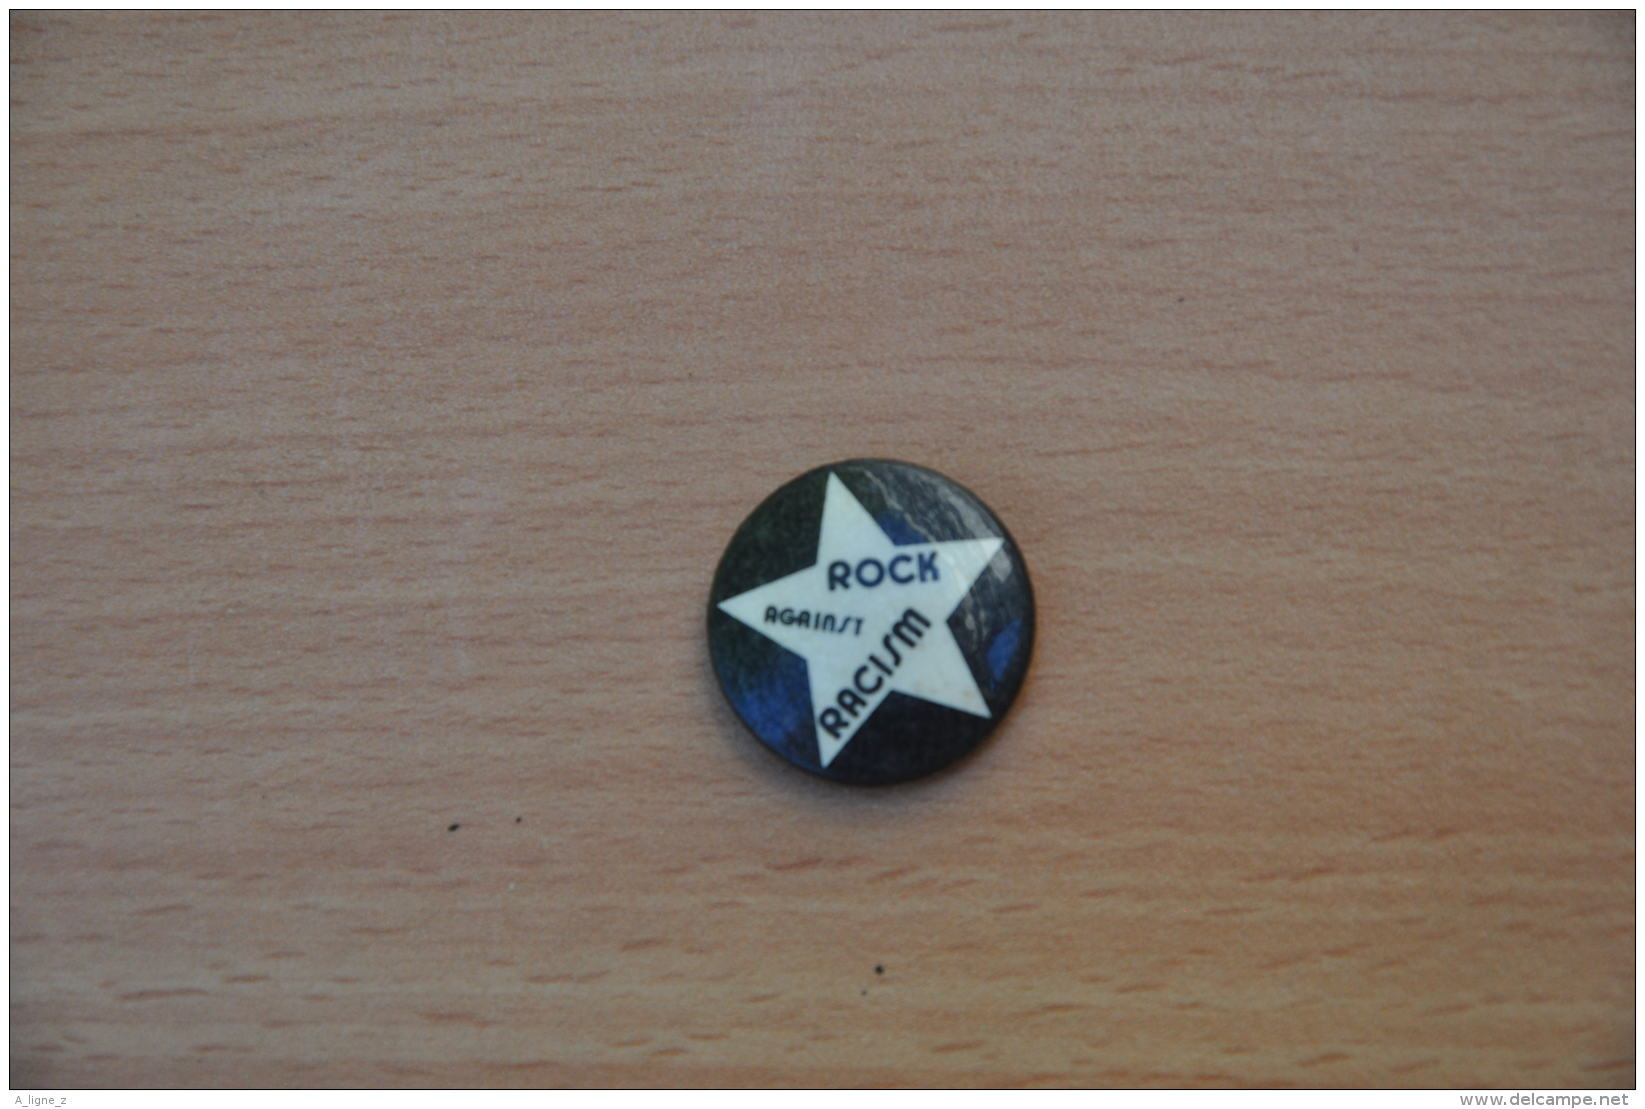 REF Y2  : Badge Ancien Epok 1980 Punk Pop Hard Rock Pin's Rock Against Racism - Musique